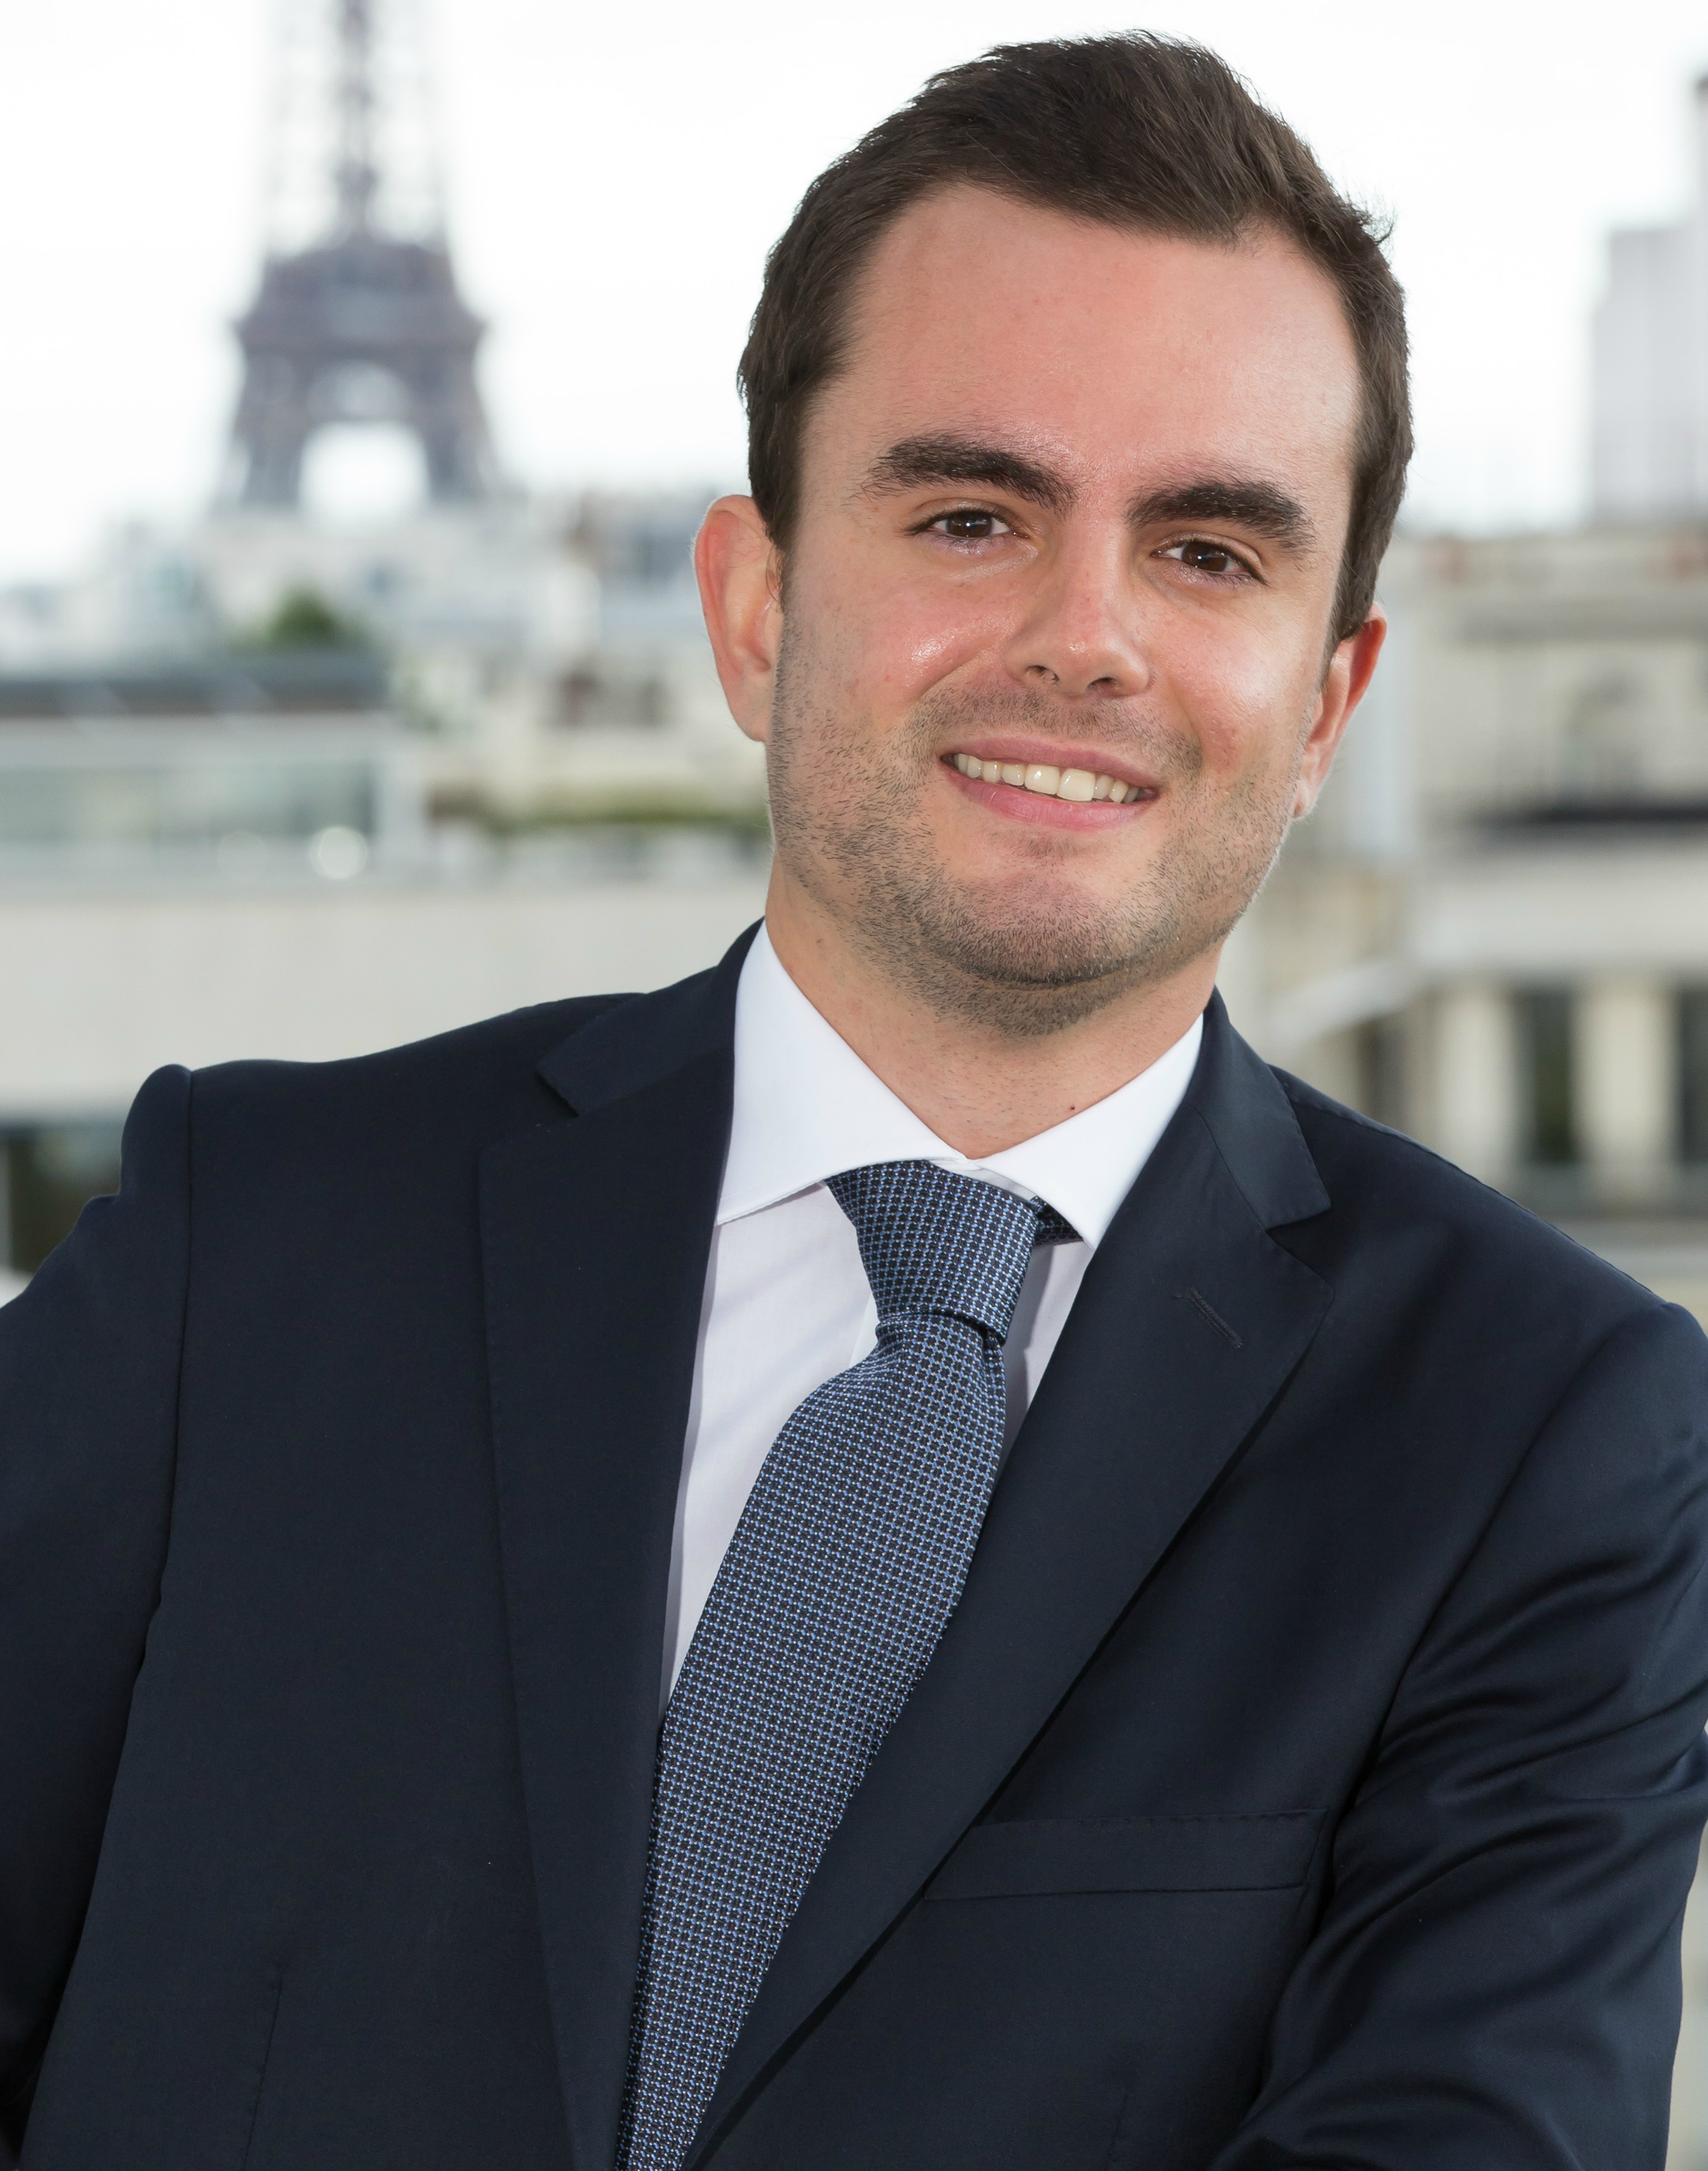 Adrien Vercollier